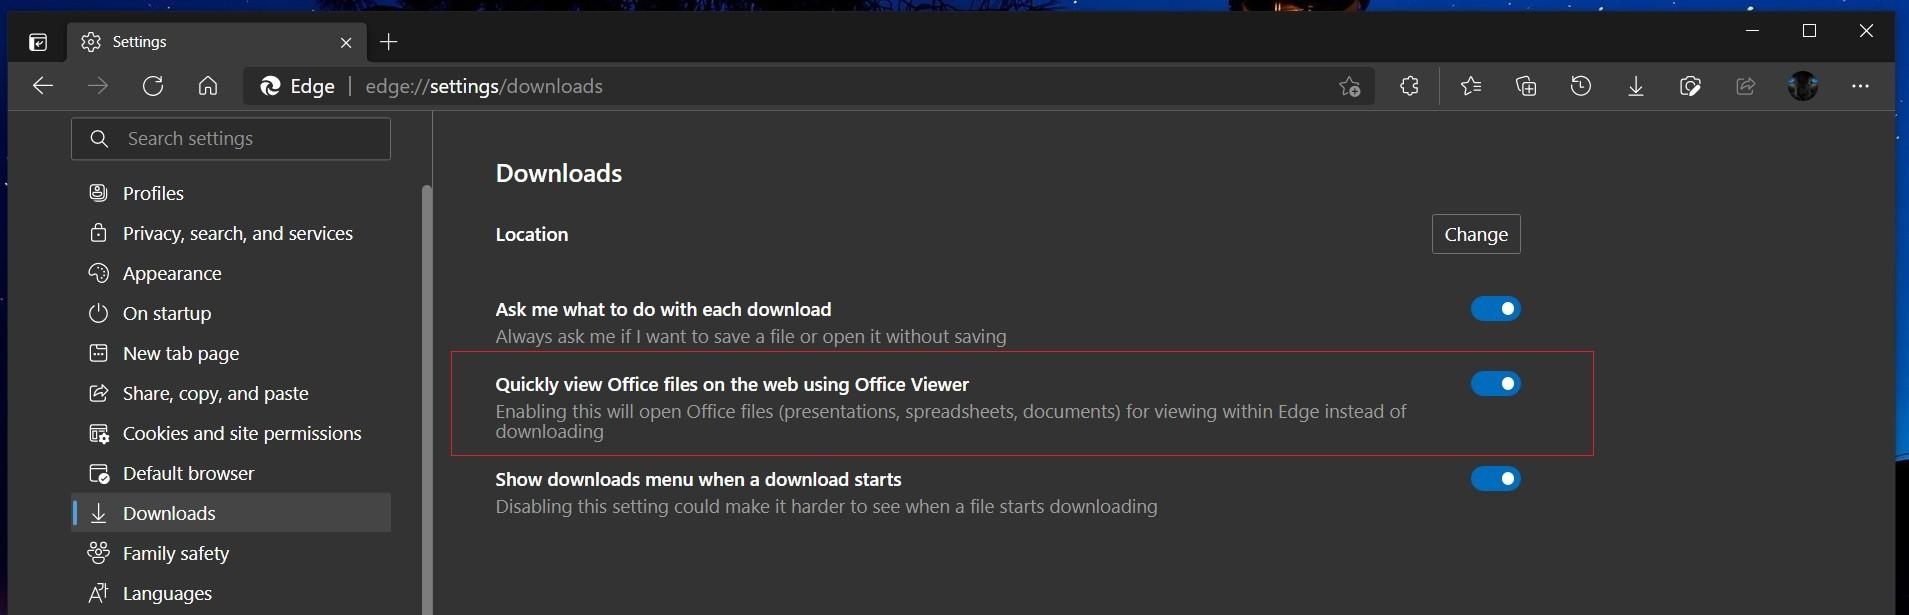 微软改进Microsoft Edge浏览器 现在可以直接加载Office文档无需下载